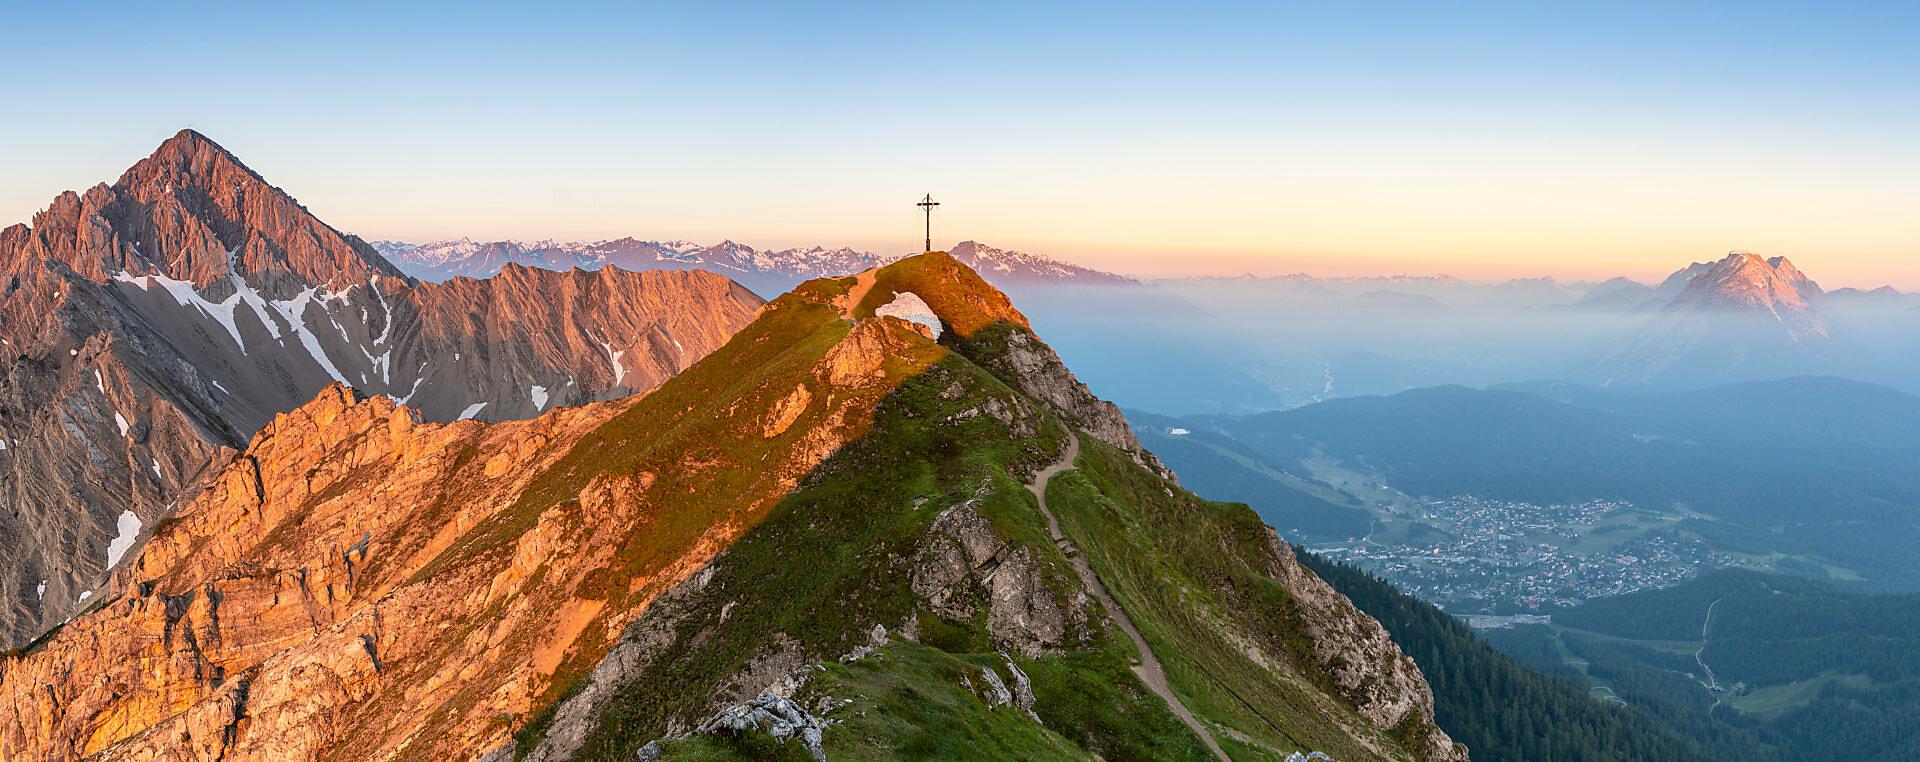 Blick auf die Reither Spitze (2374 m) und die Seefelder Spitze (2221 m) im Karwendel Gebirge kurz nach Sonnenaufgang.